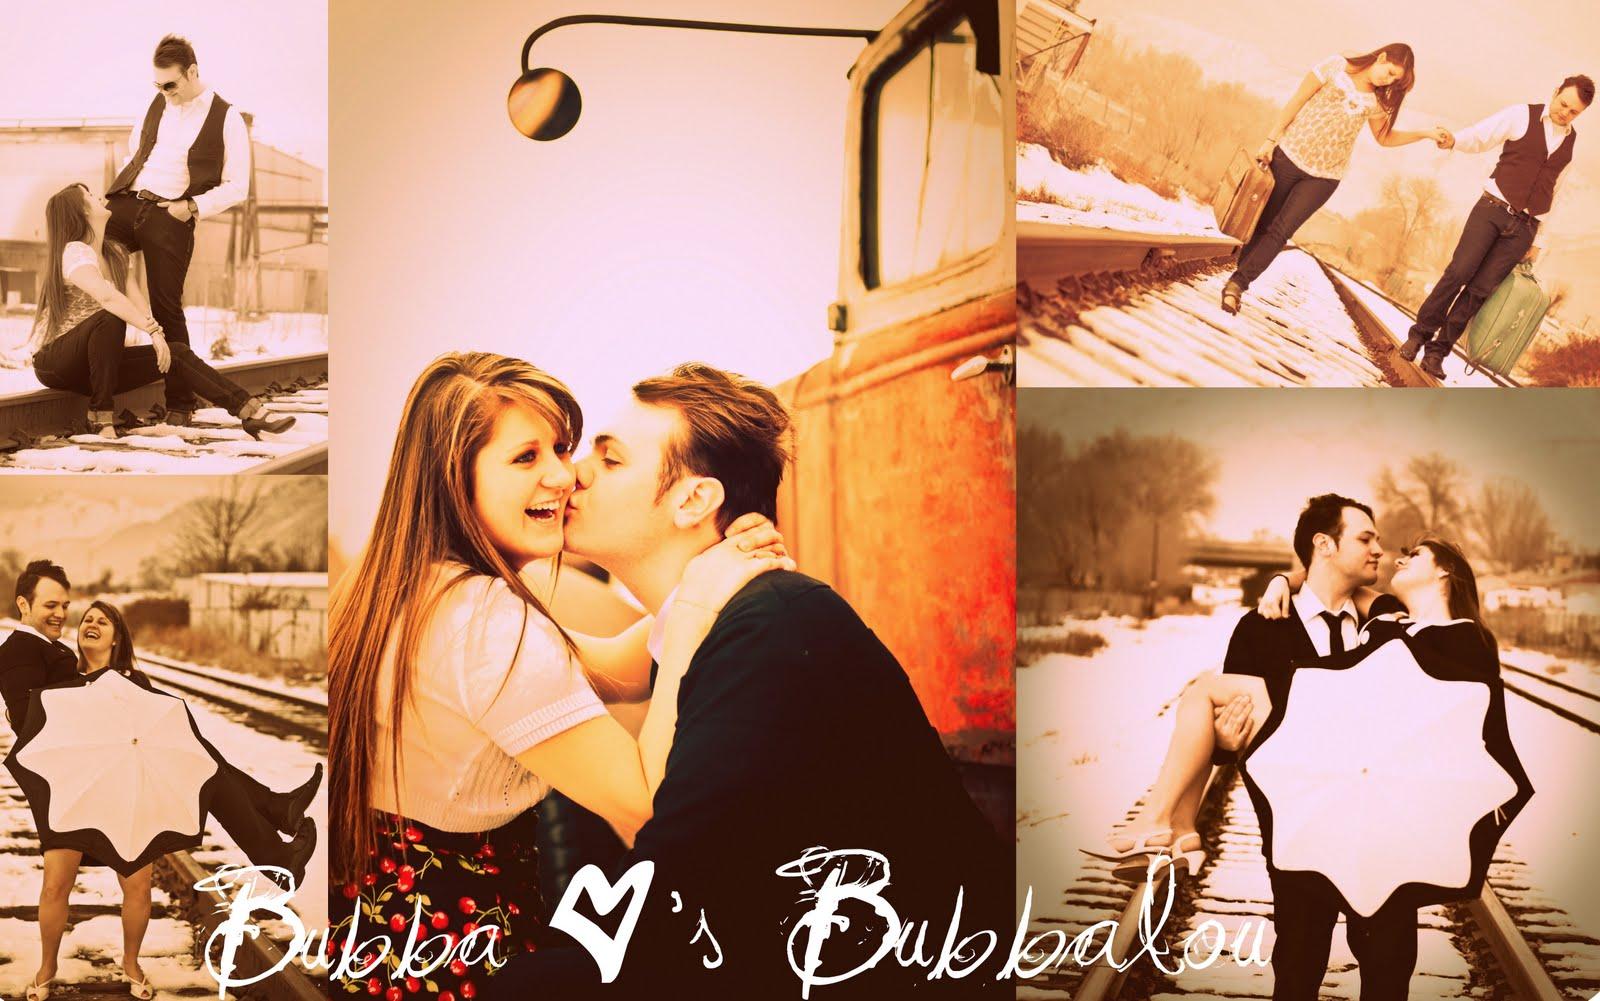 Bubba & Bubbalou